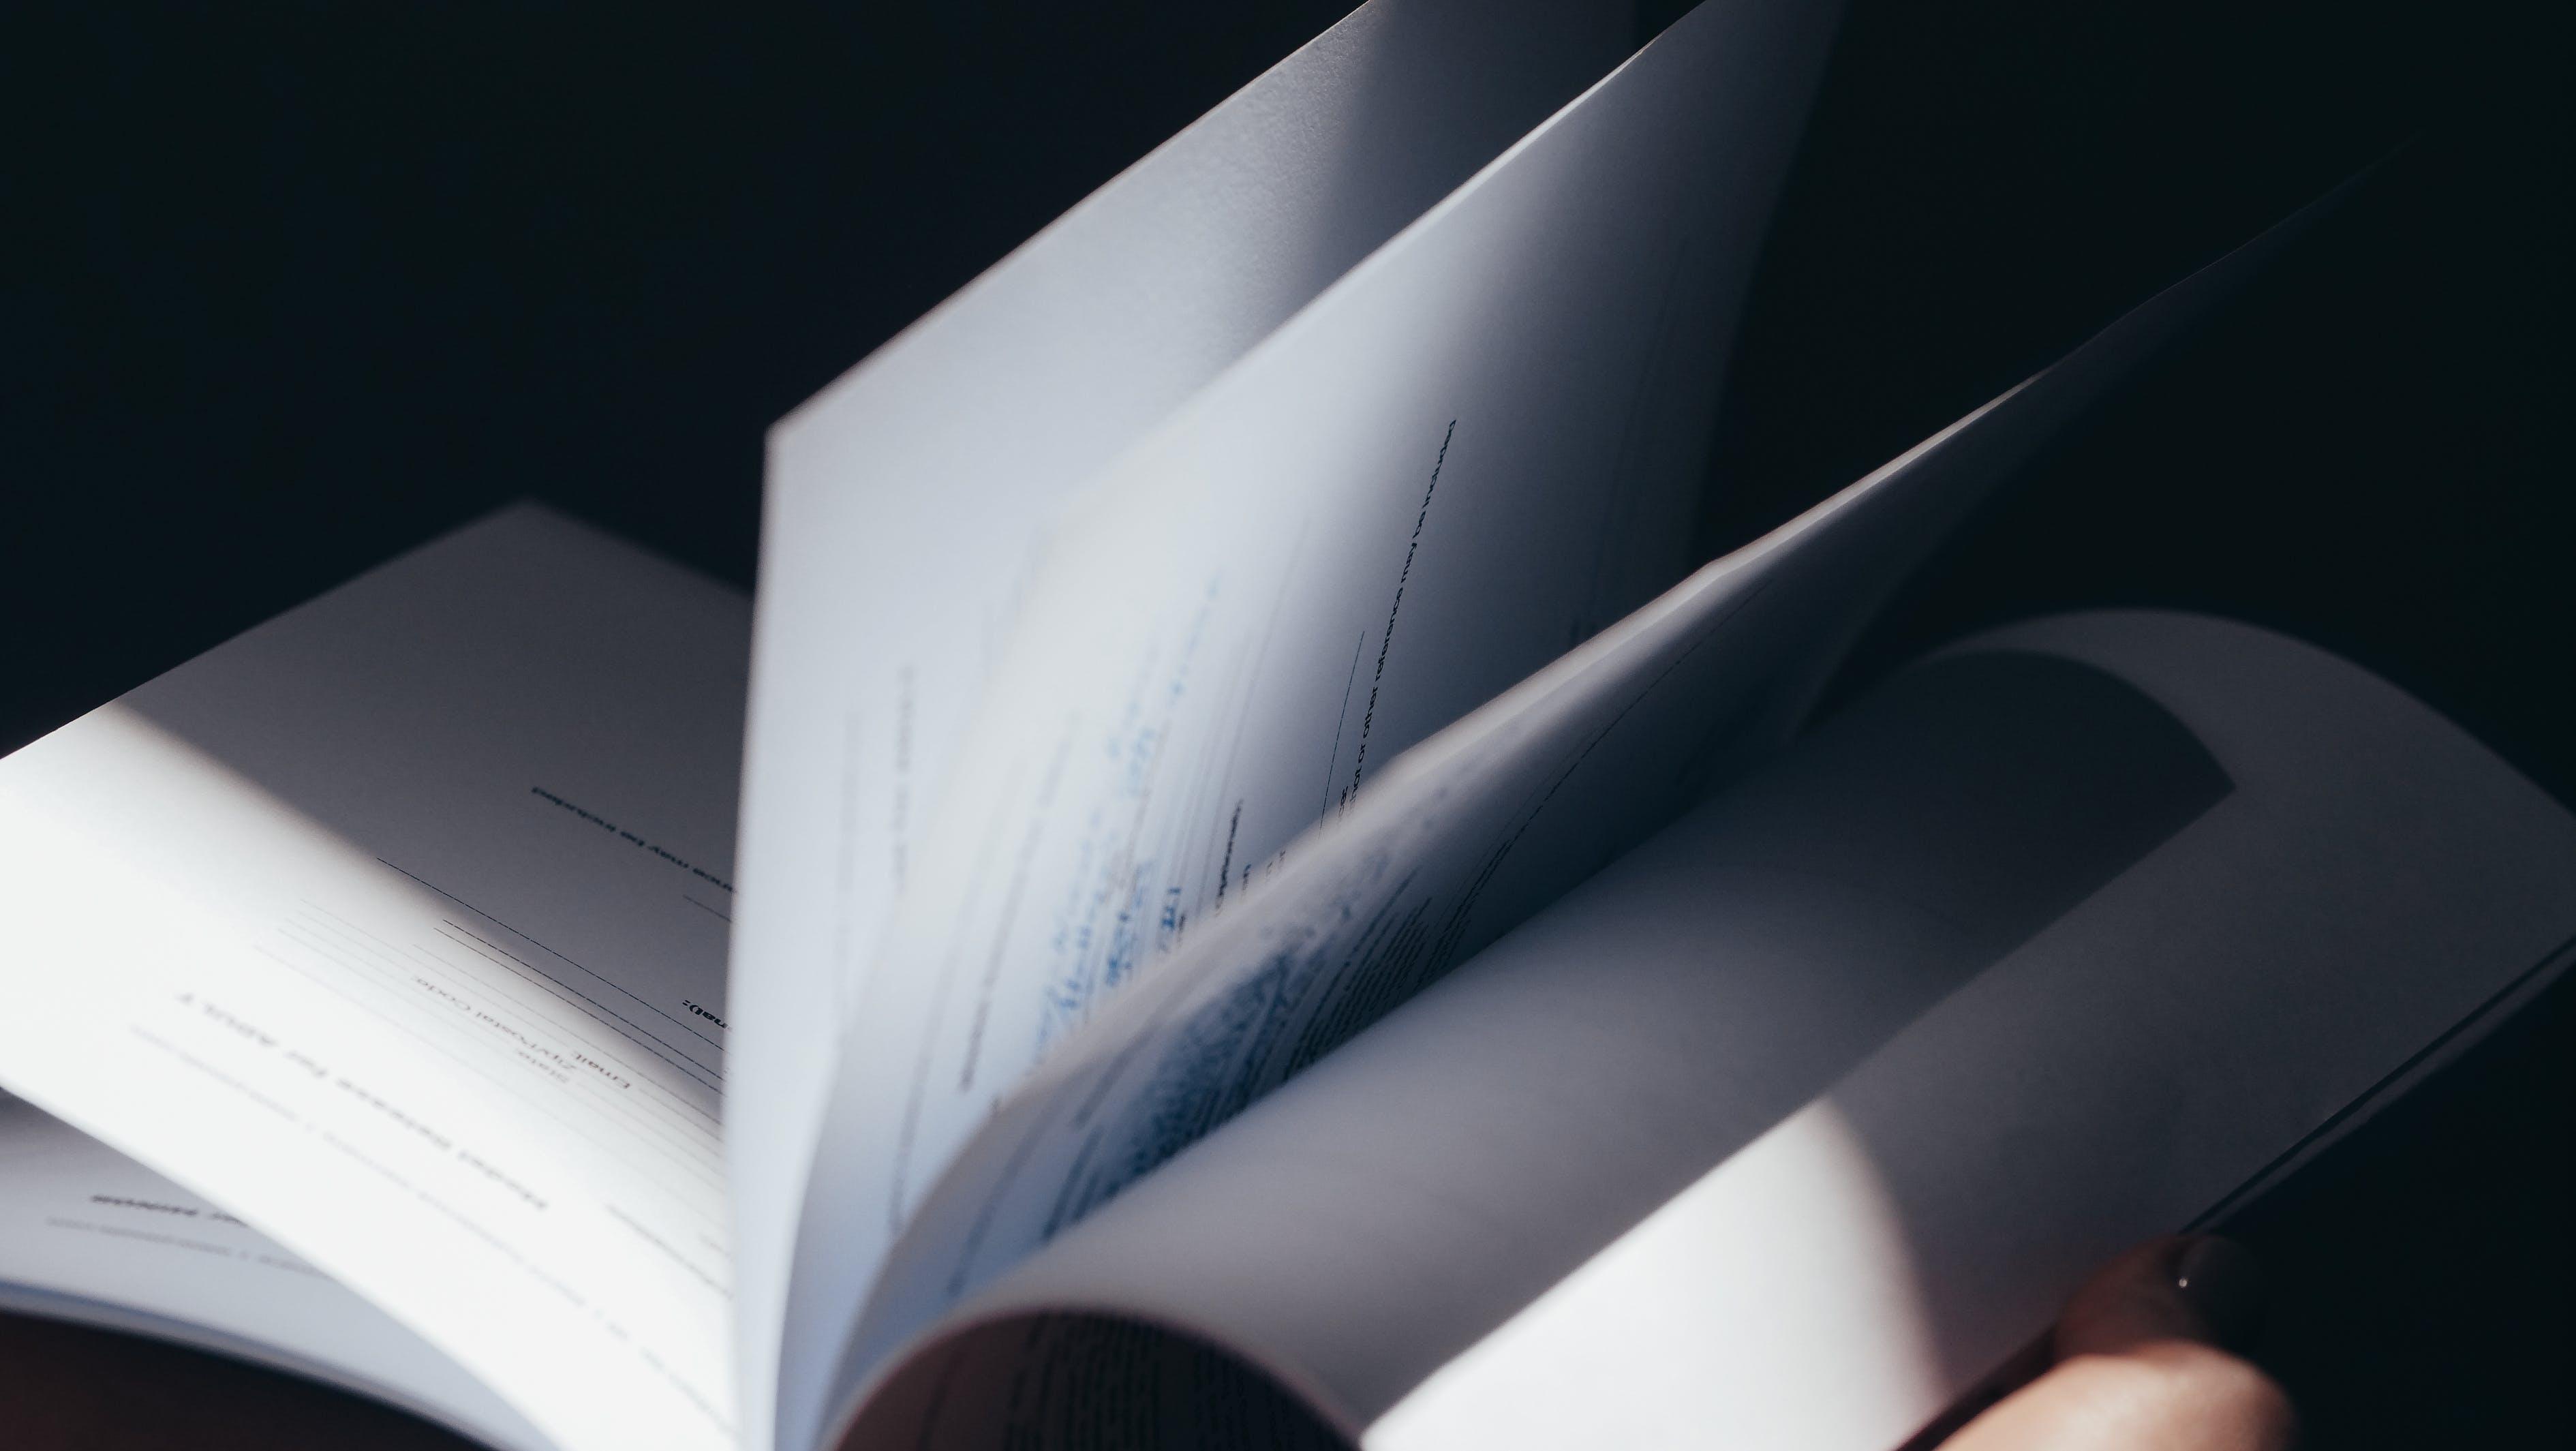 Une Personne Qui Retourne Les Pages D'un Livre